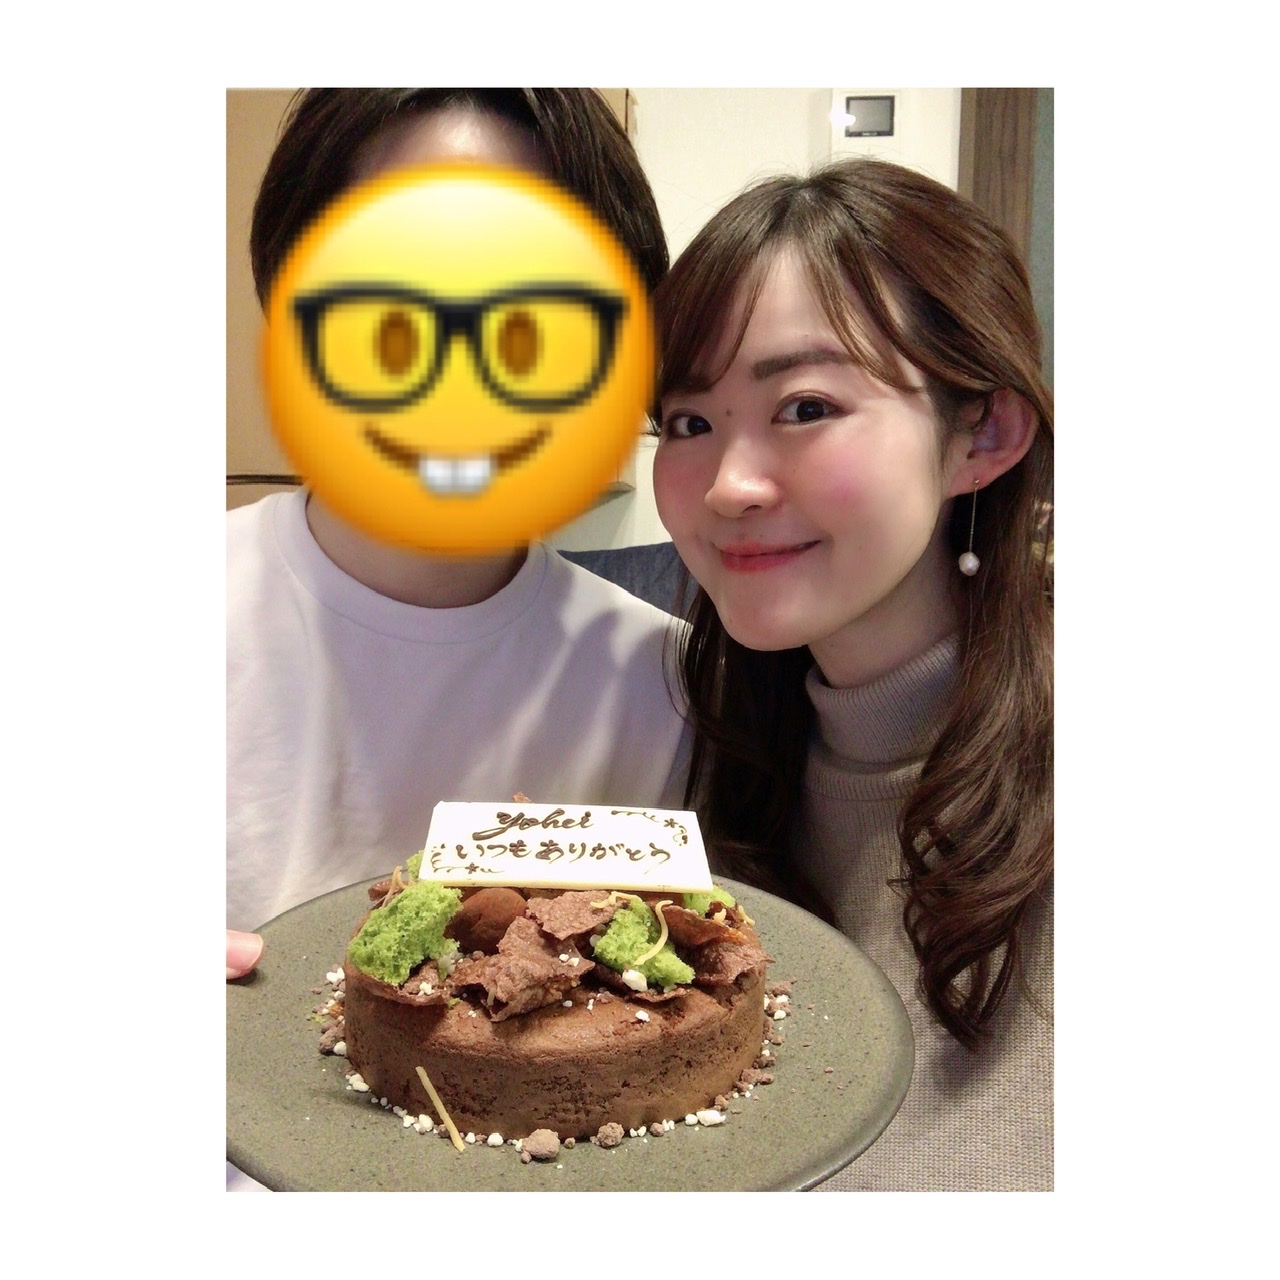 【#IWAIのお祝いご飯便】ギフトにも◎楽しいを味わう《体験型お祝いケーキ》が素敵!_8